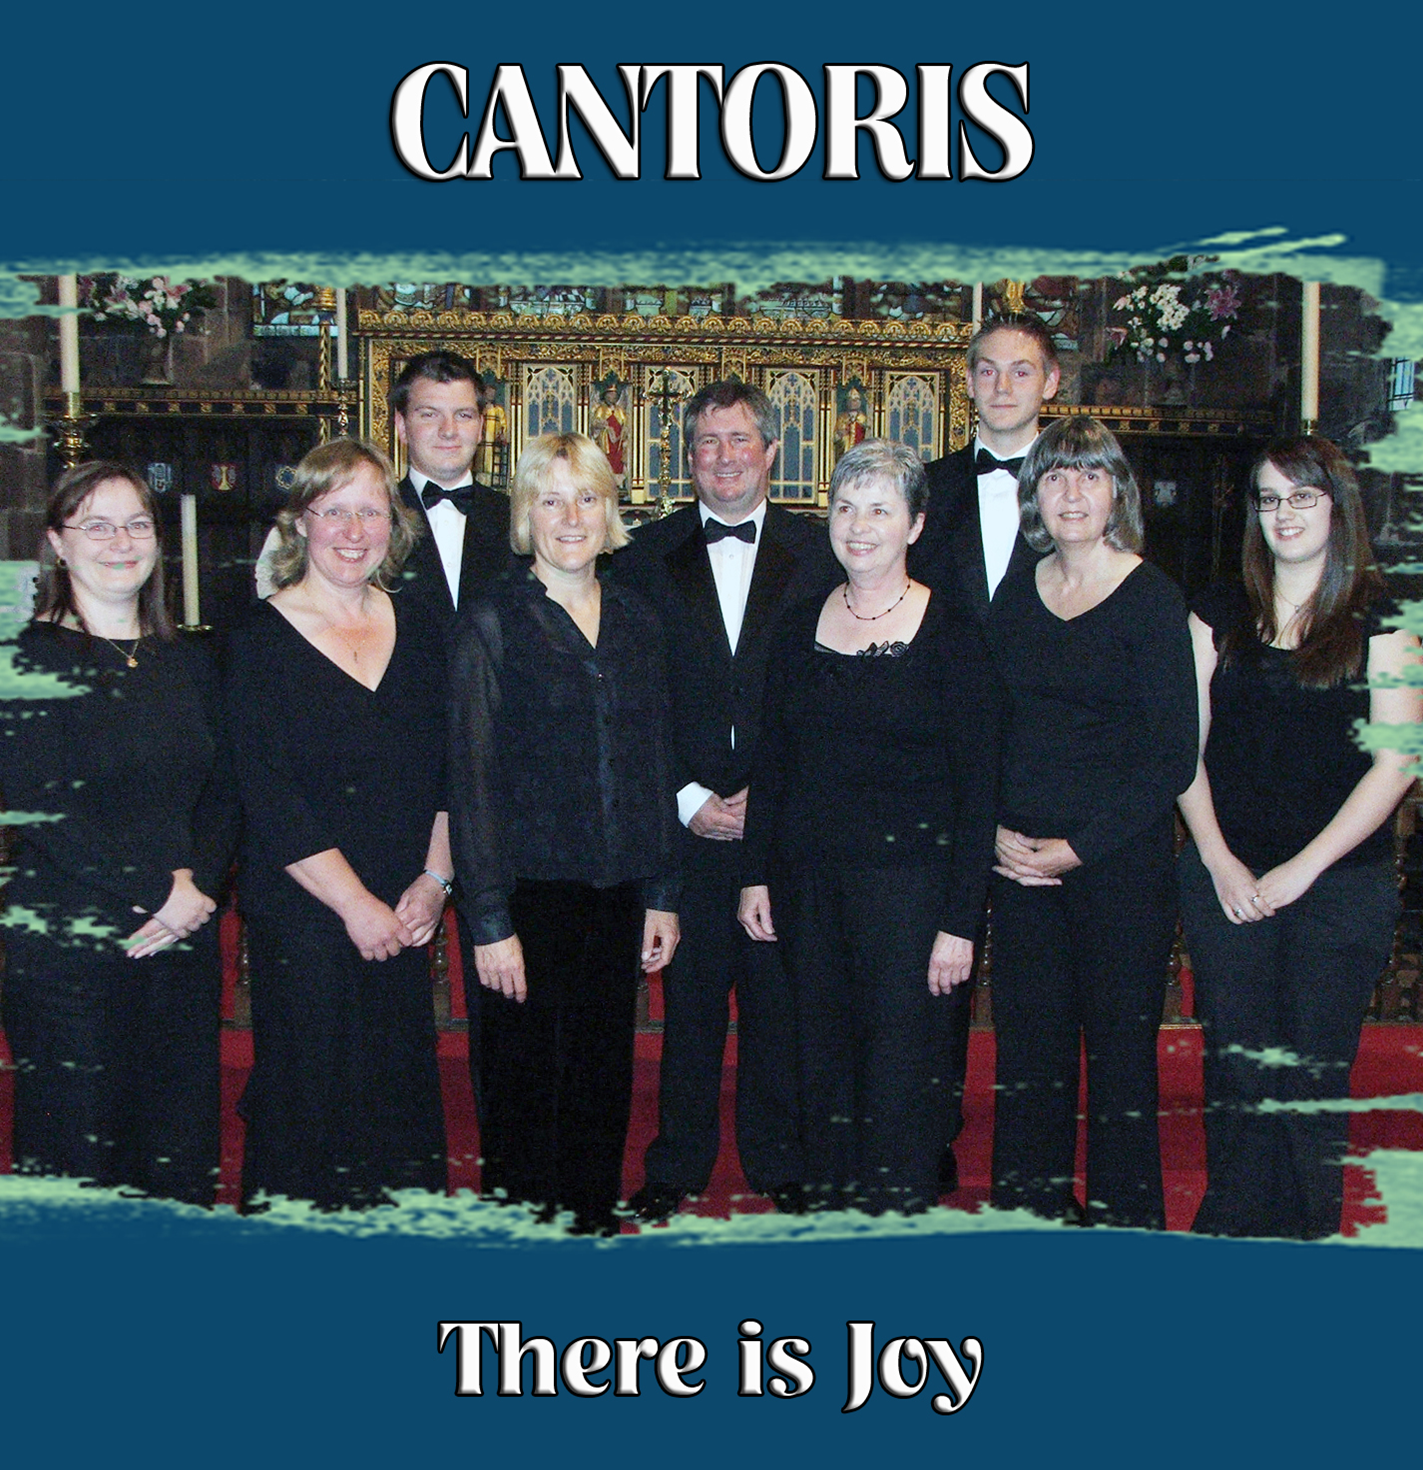 Cantoris